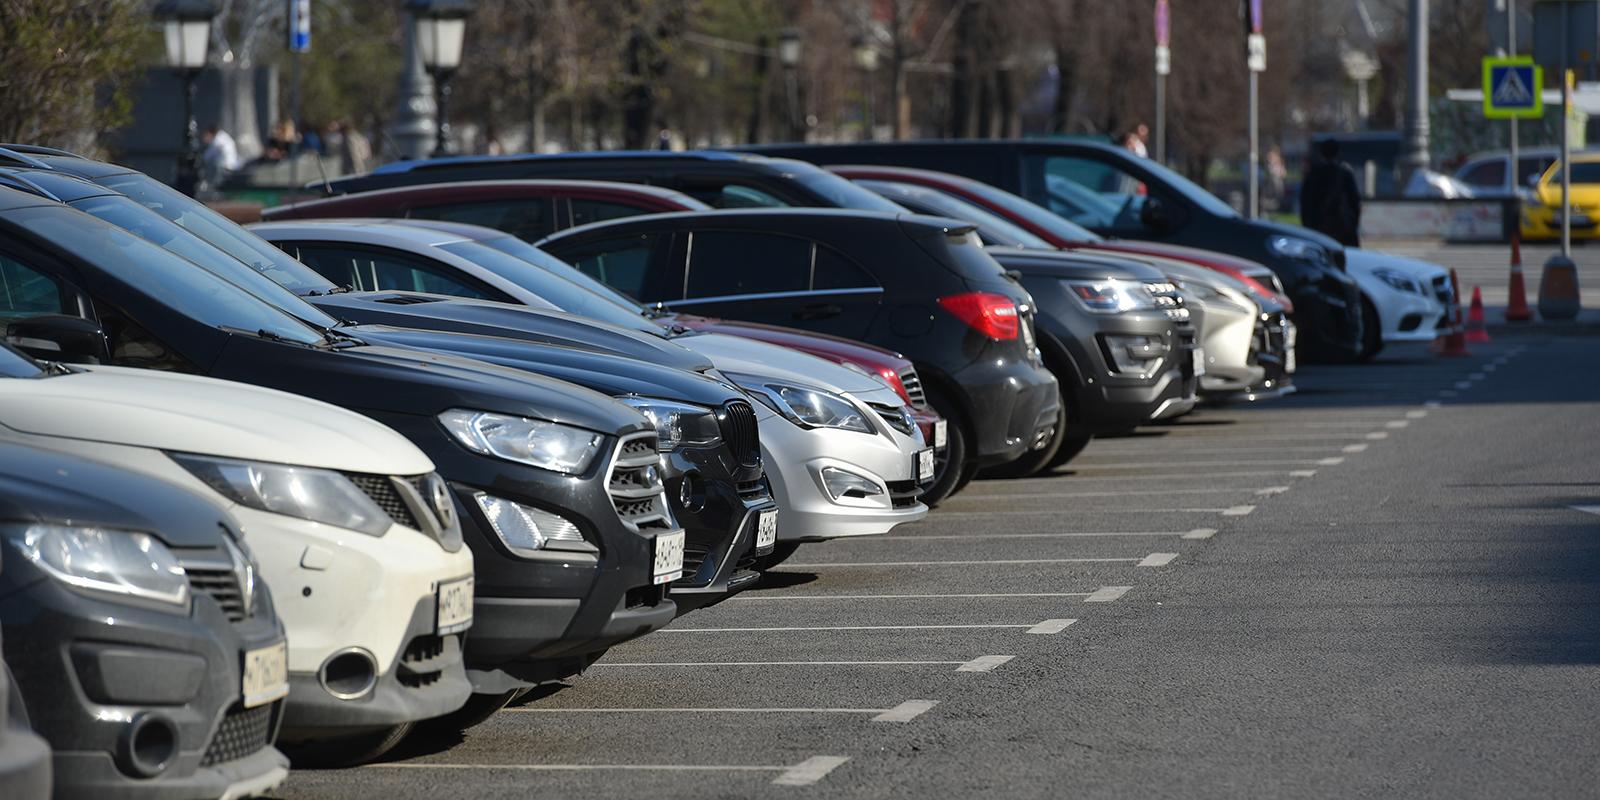 Бесплатную парковку организовали на месте незаконной постройки в Филях-Давыдкове